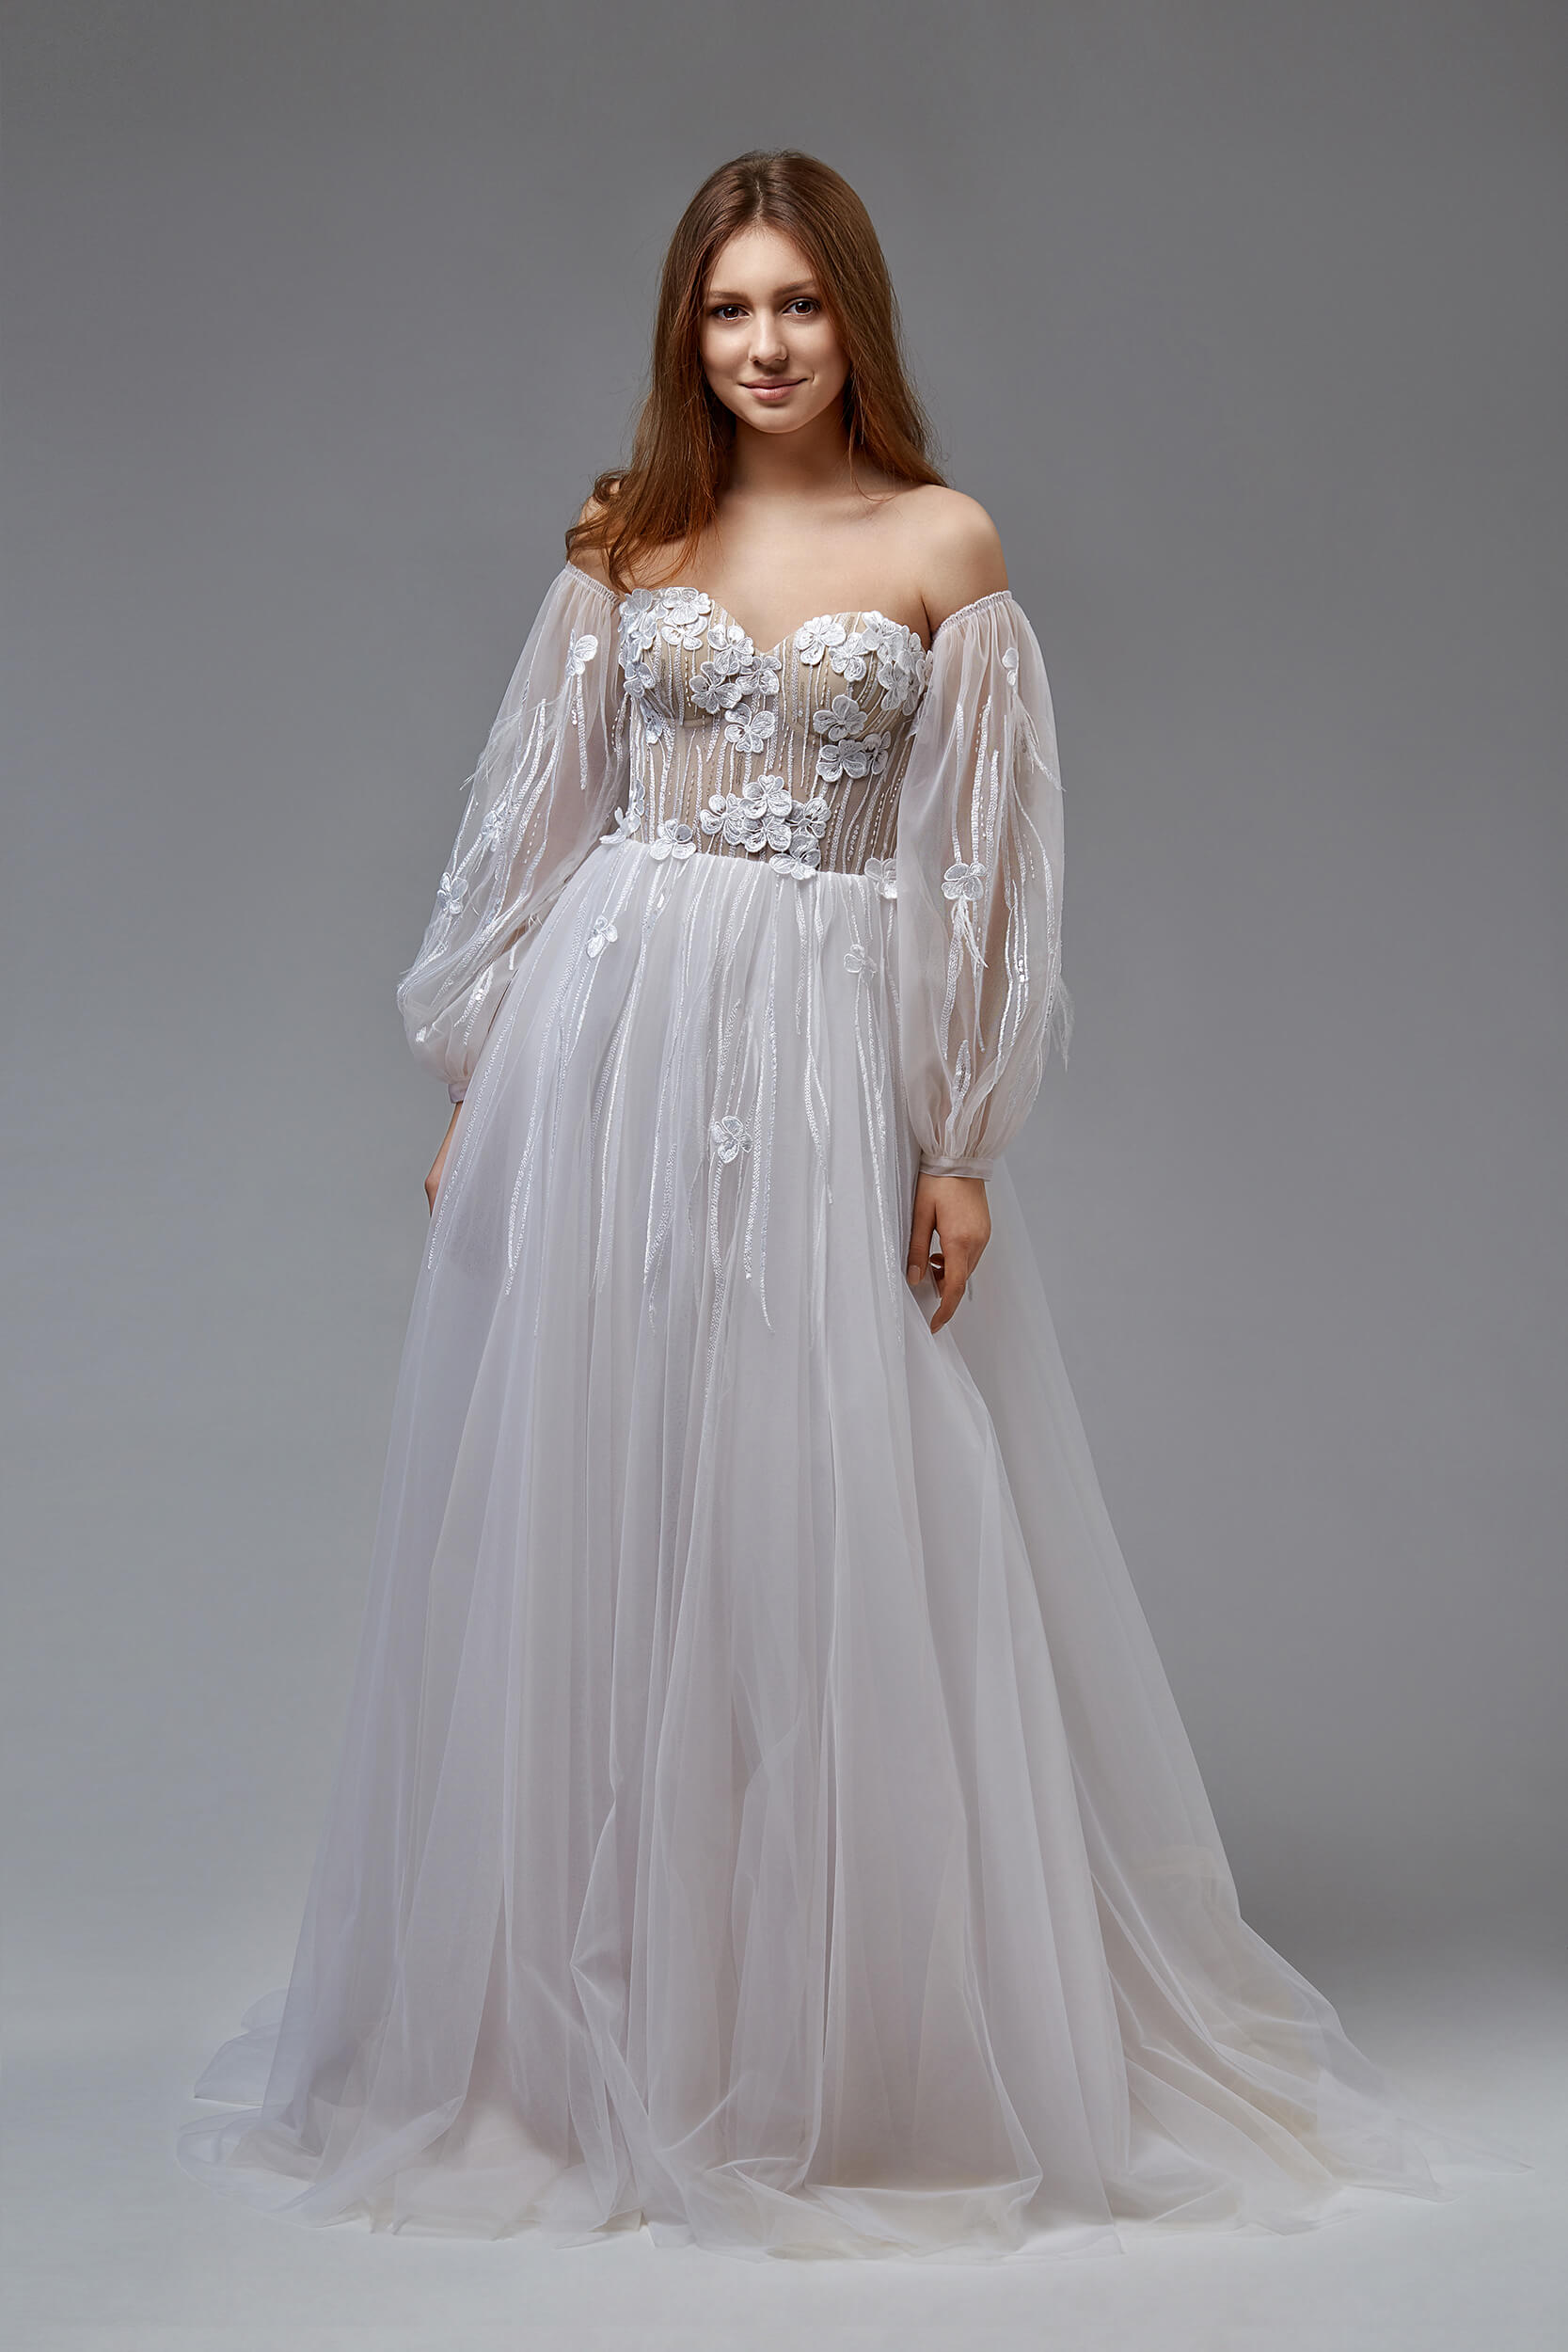 самые стильные свадебные платья(1) | Vero